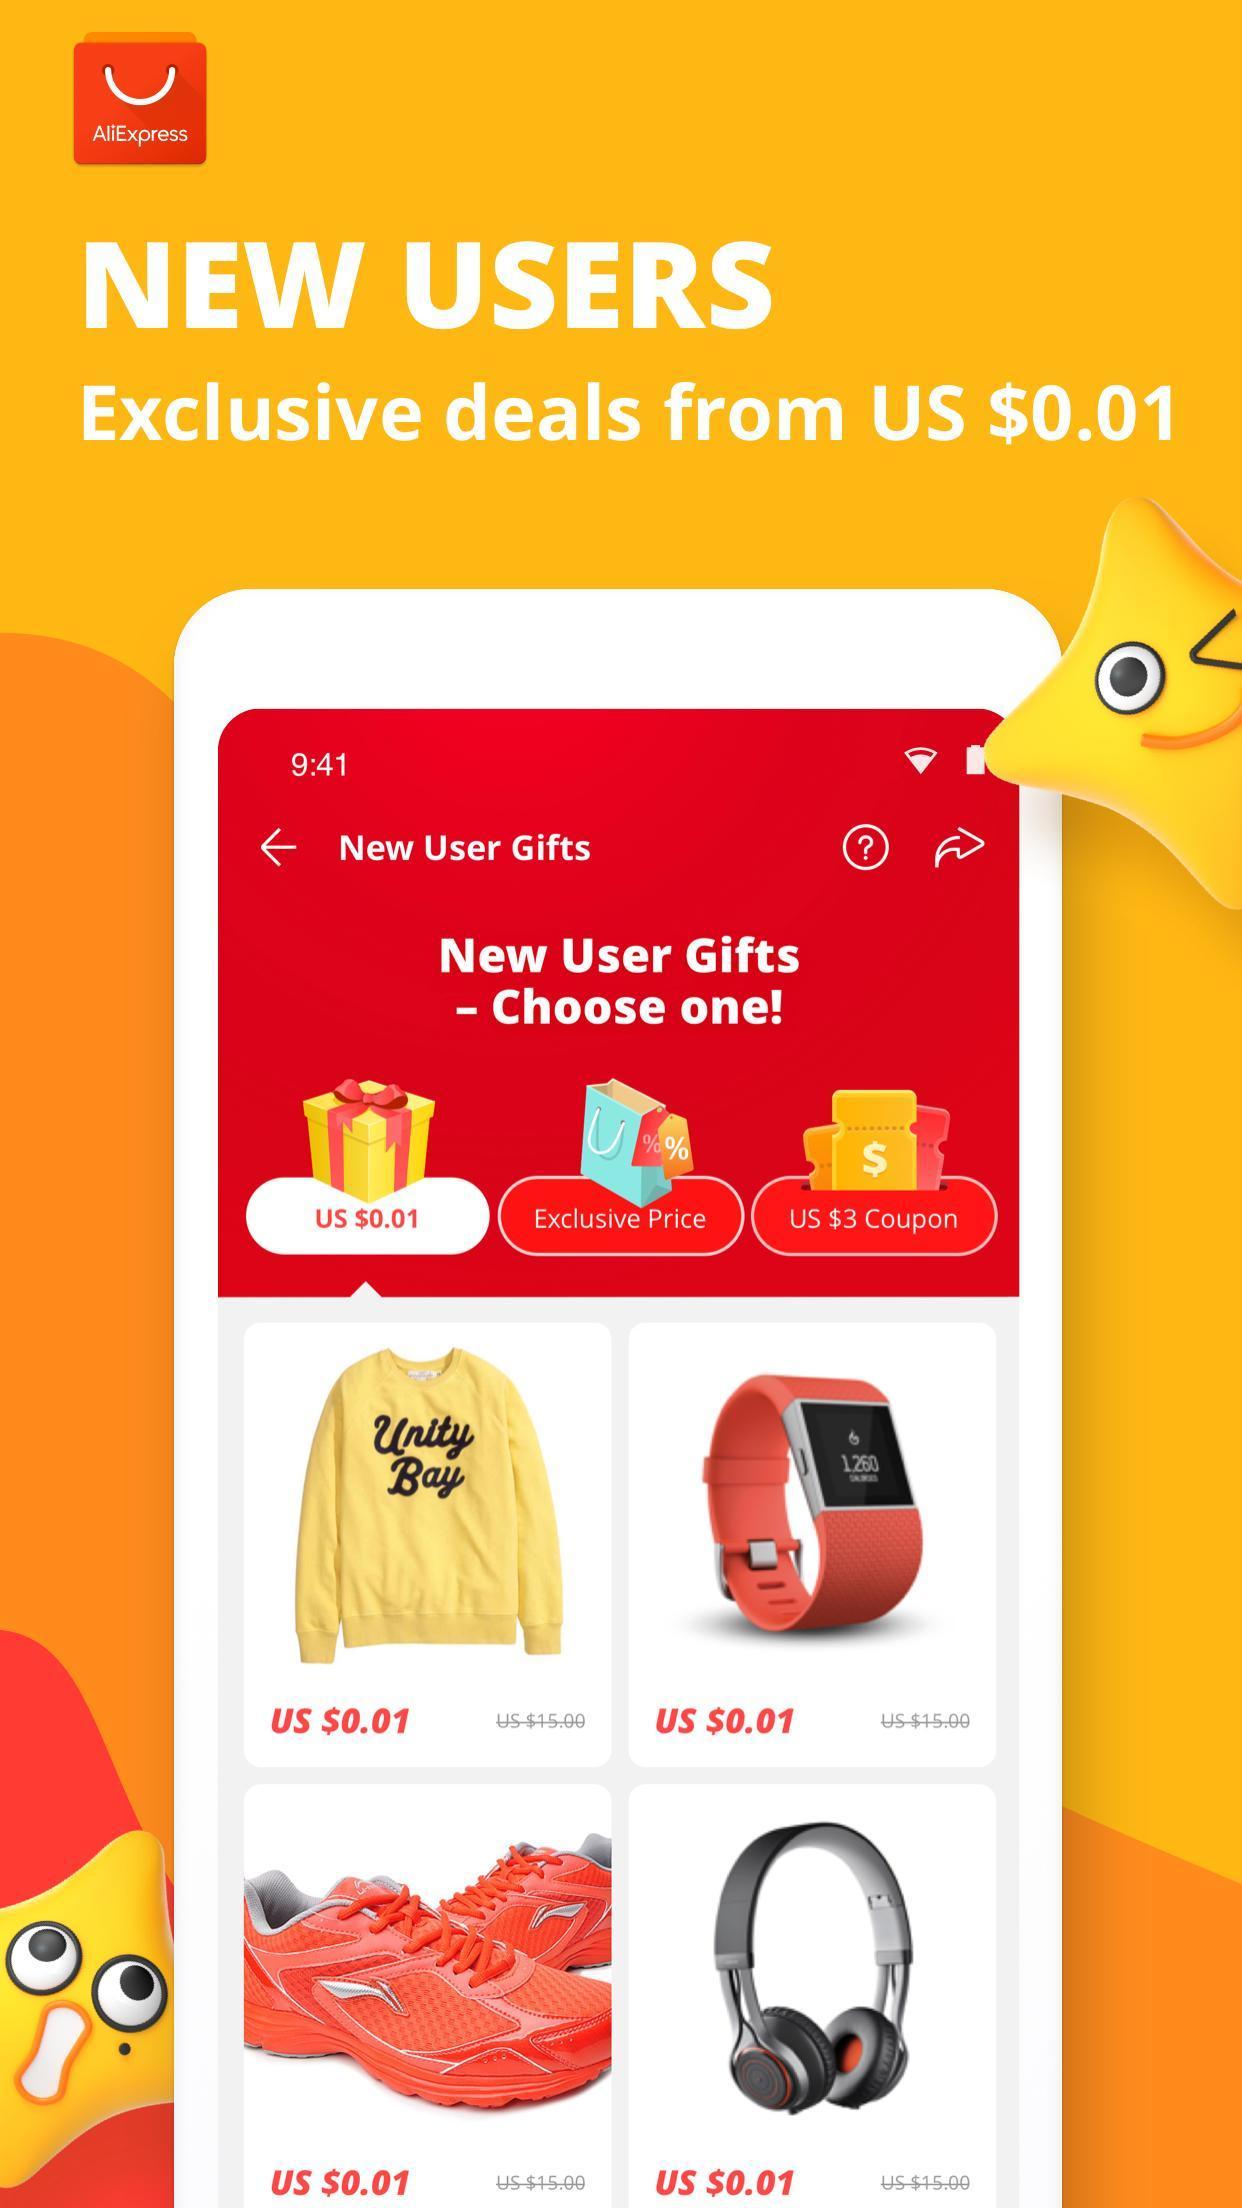 AliExpress Smarter Shopping, Better Living 8.3.3 Screenshot 1